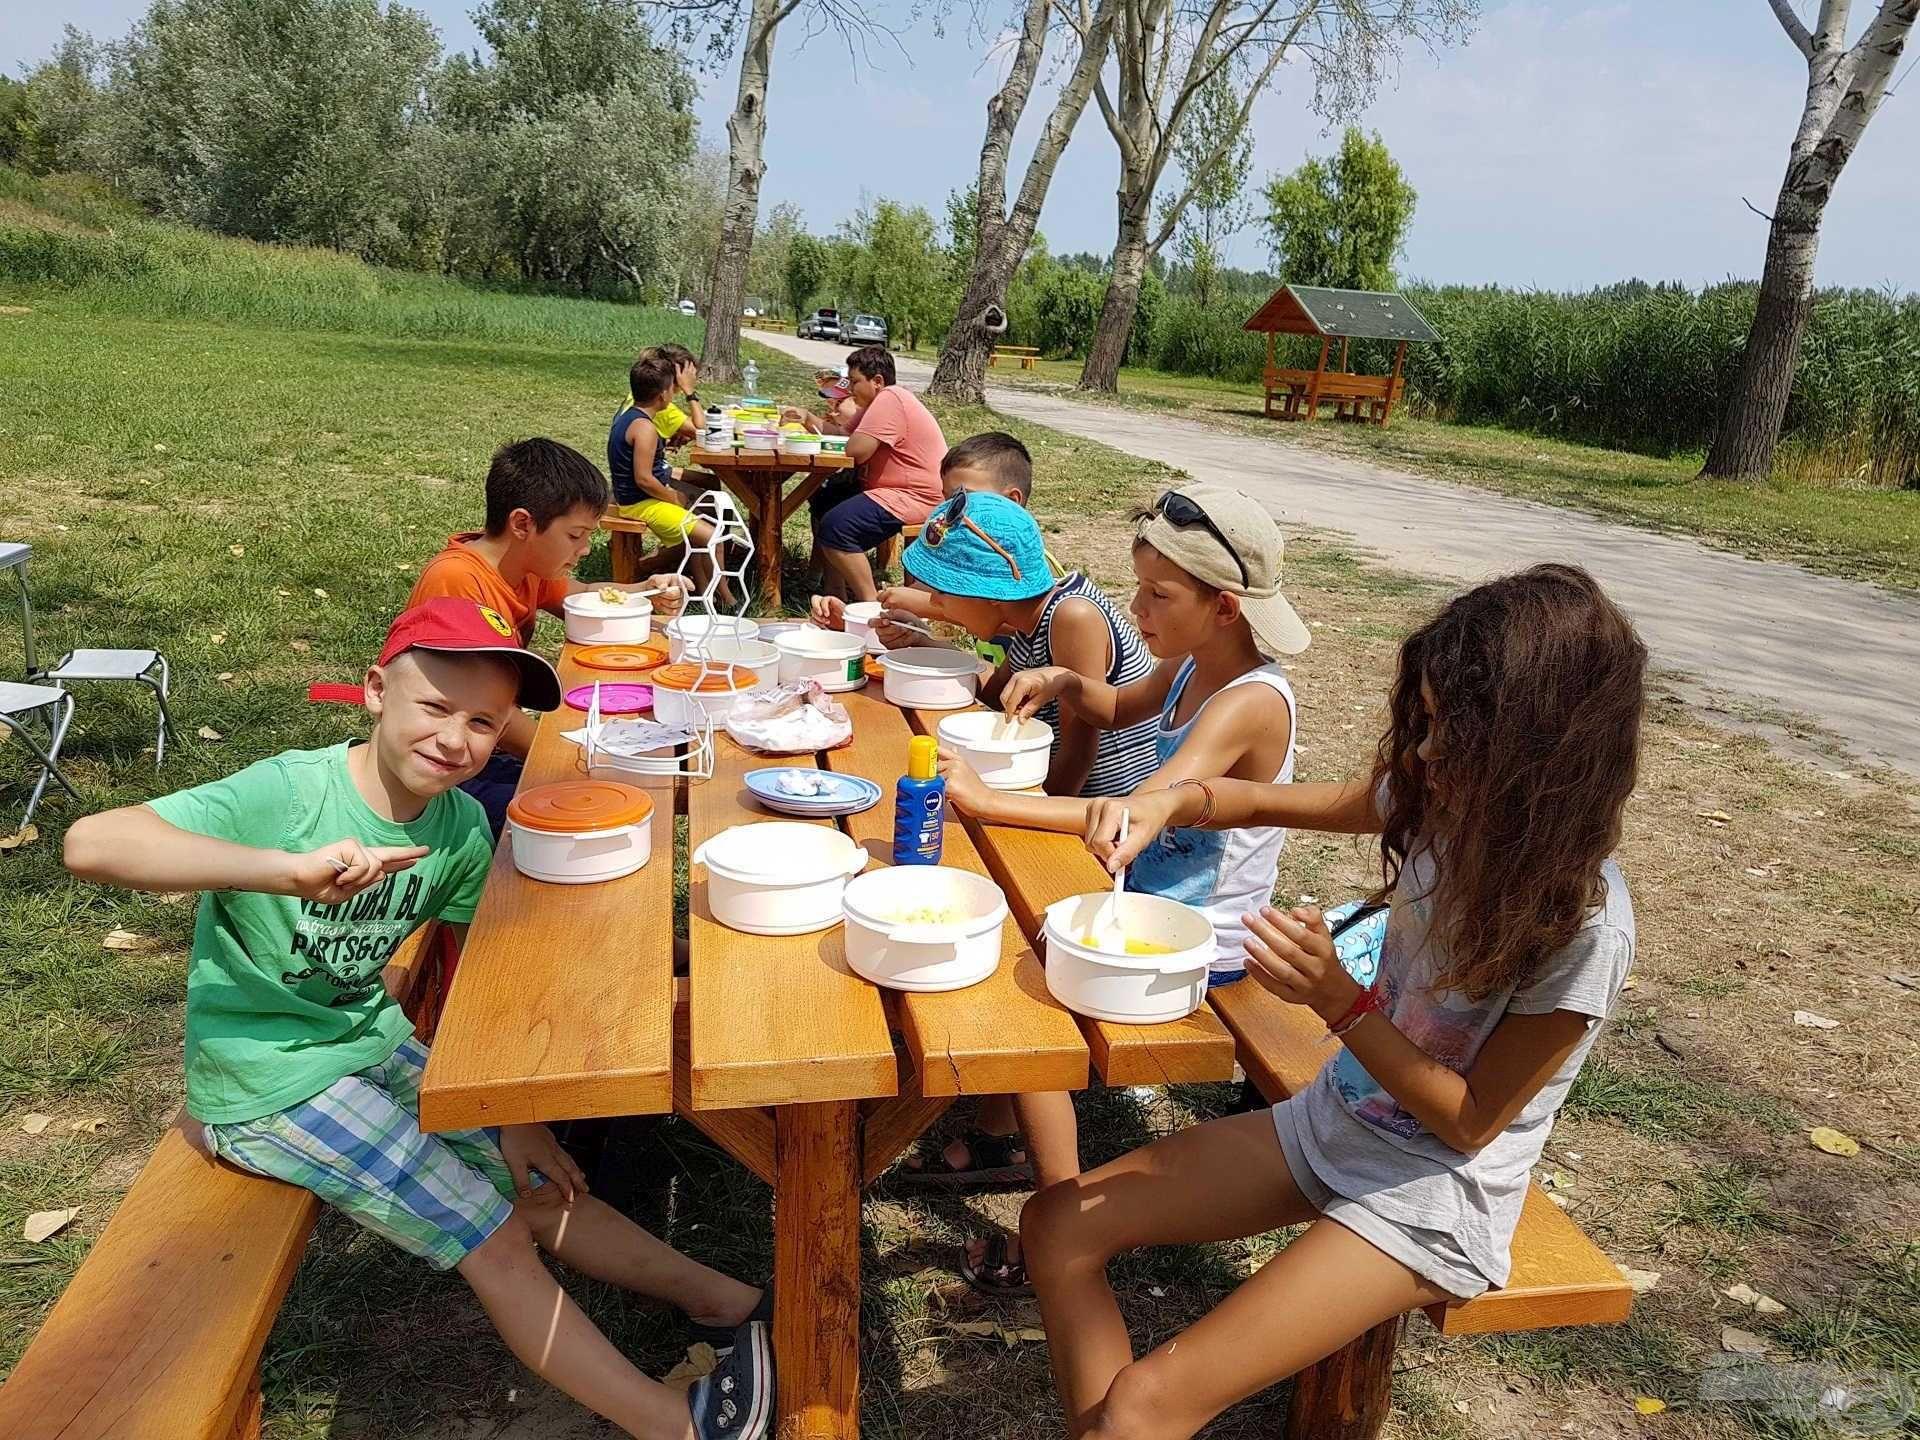 A gyermekek megfelelő élelmezéséről ezúttal is gondoskodtunk